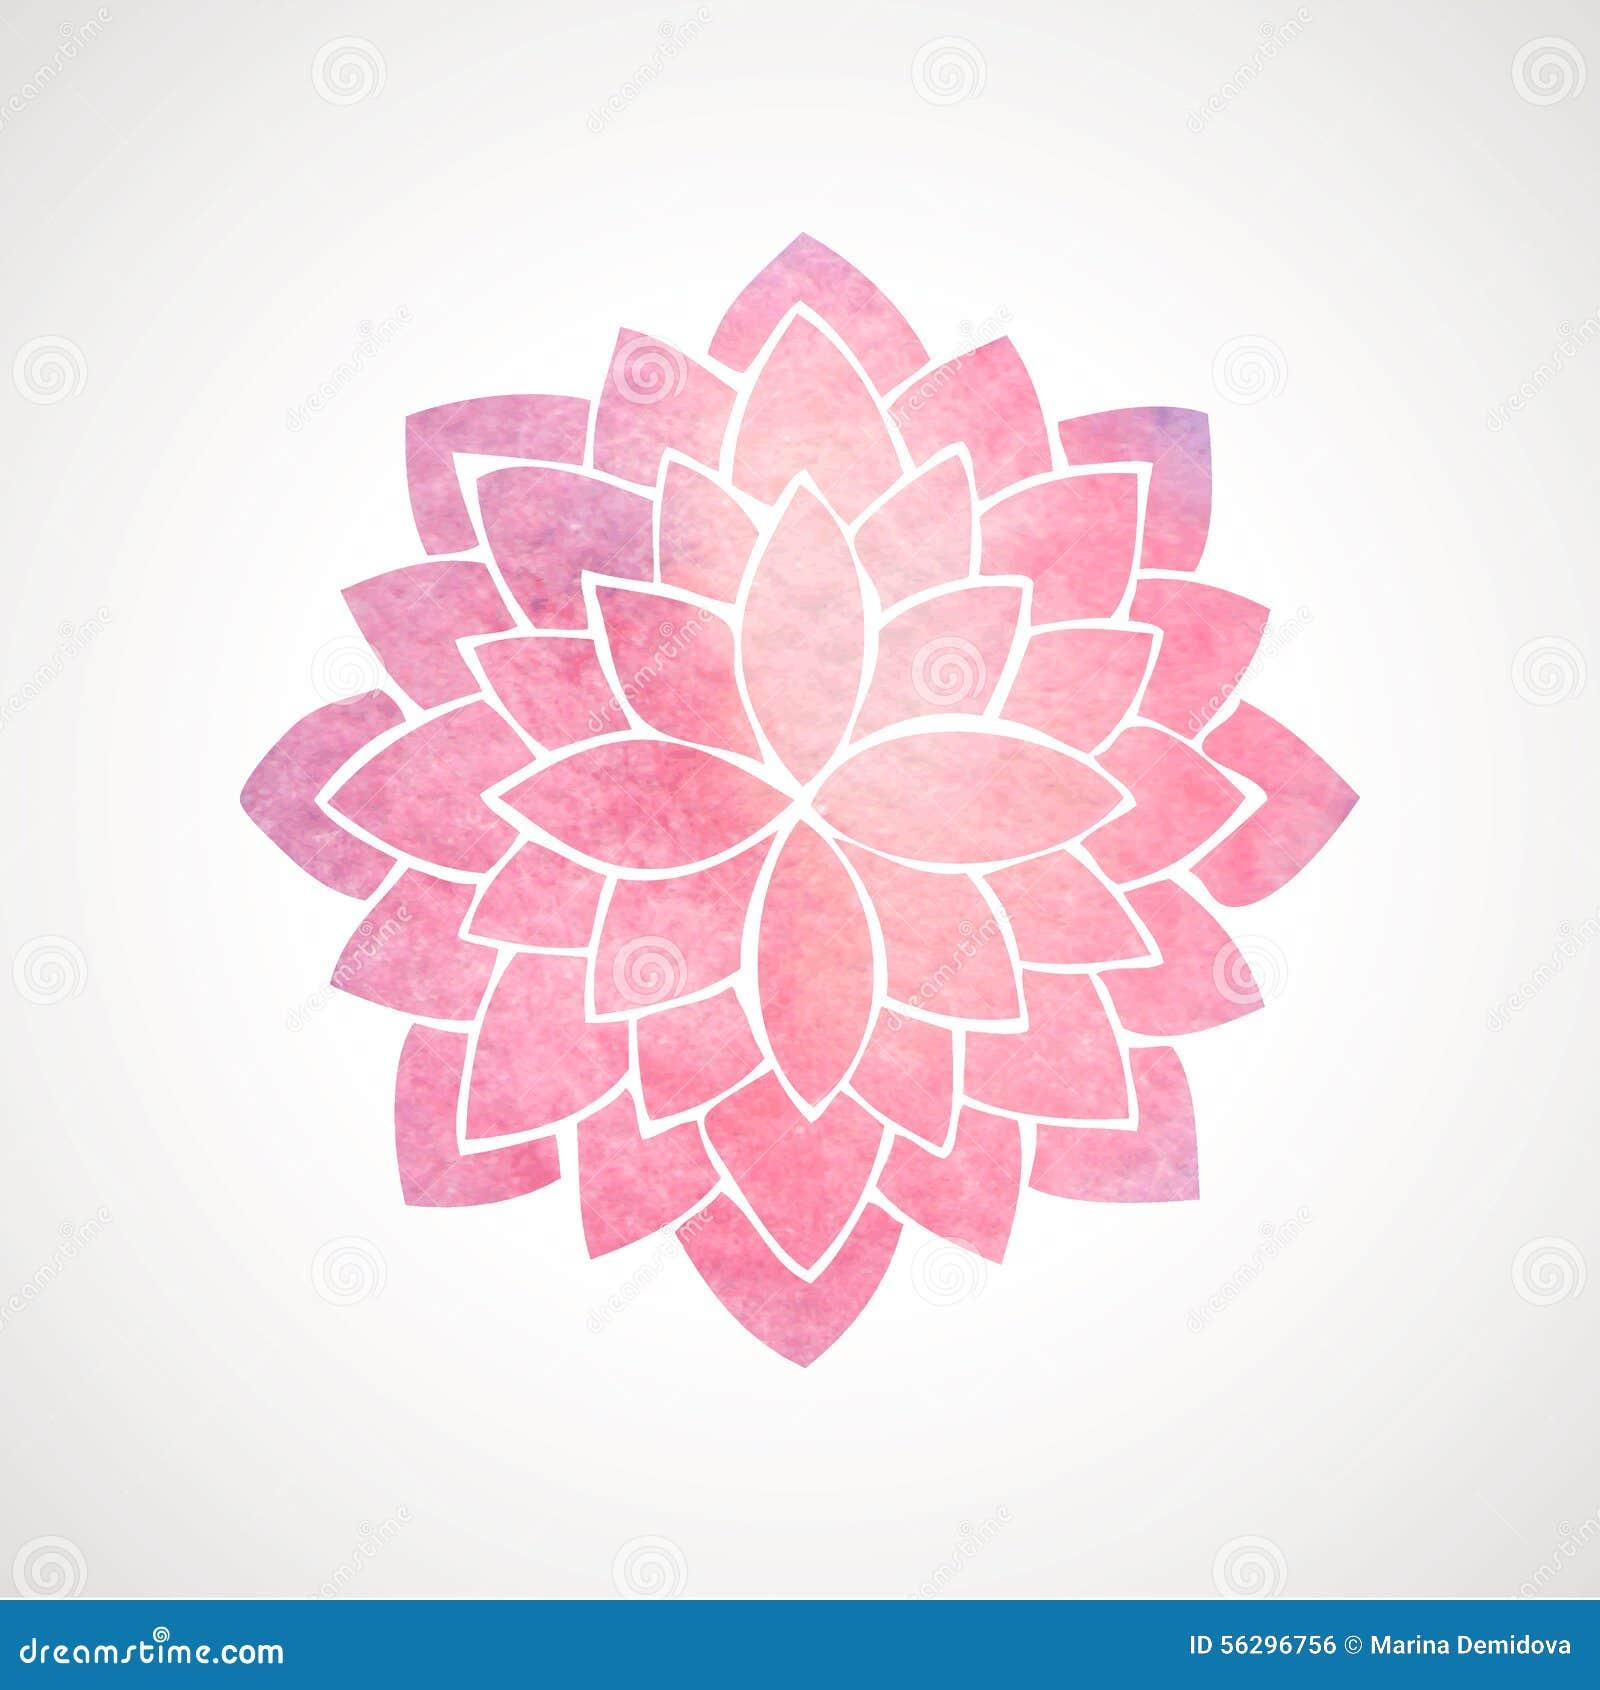 Fleur De Lotus Decoration: Download small png medium large svg edit ...